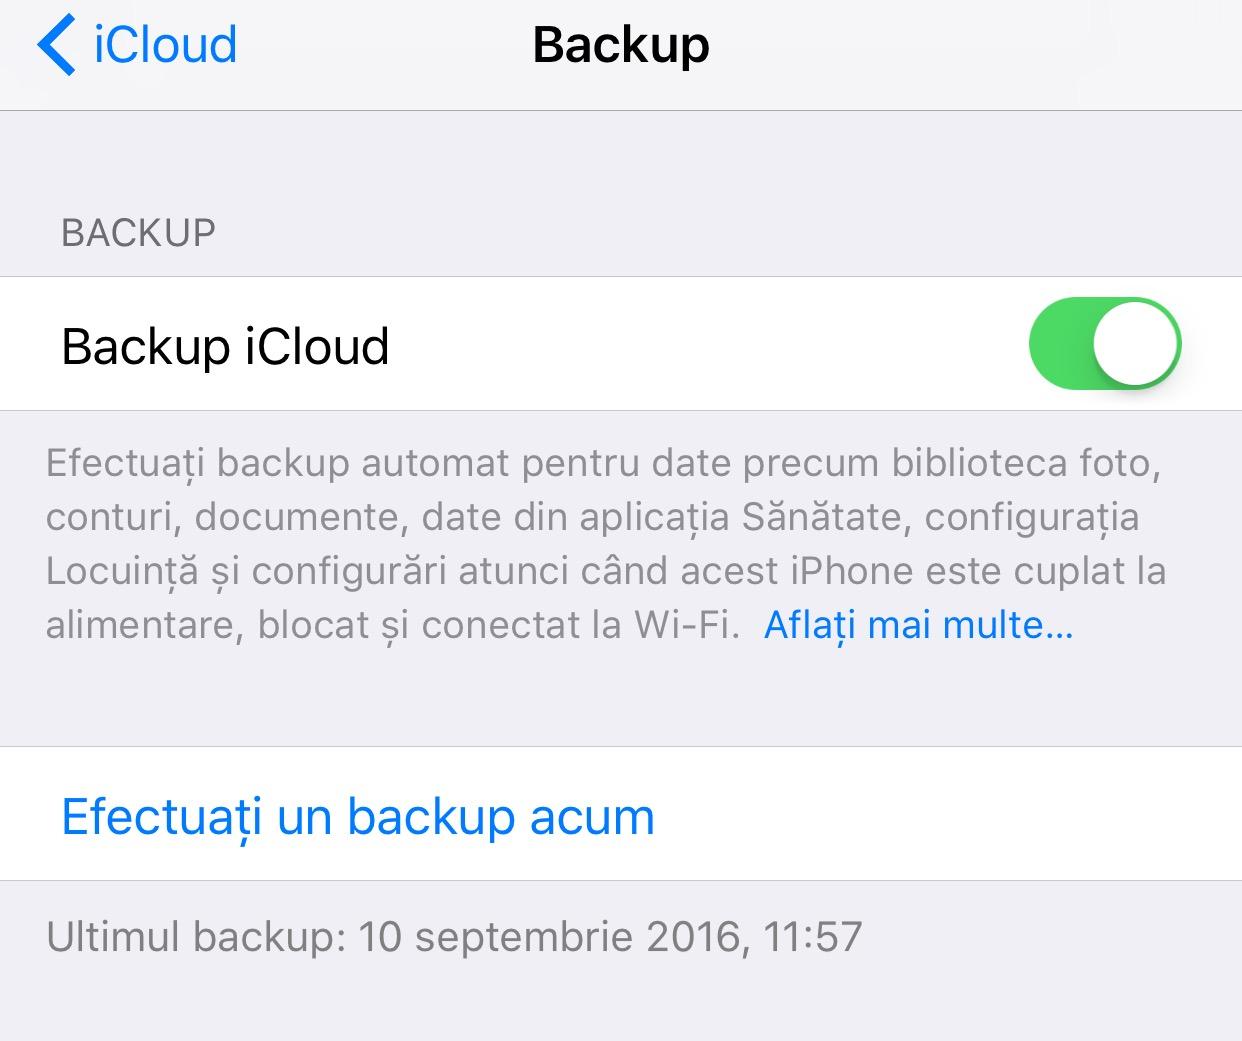 icloud backup ios 10 iphone ipad